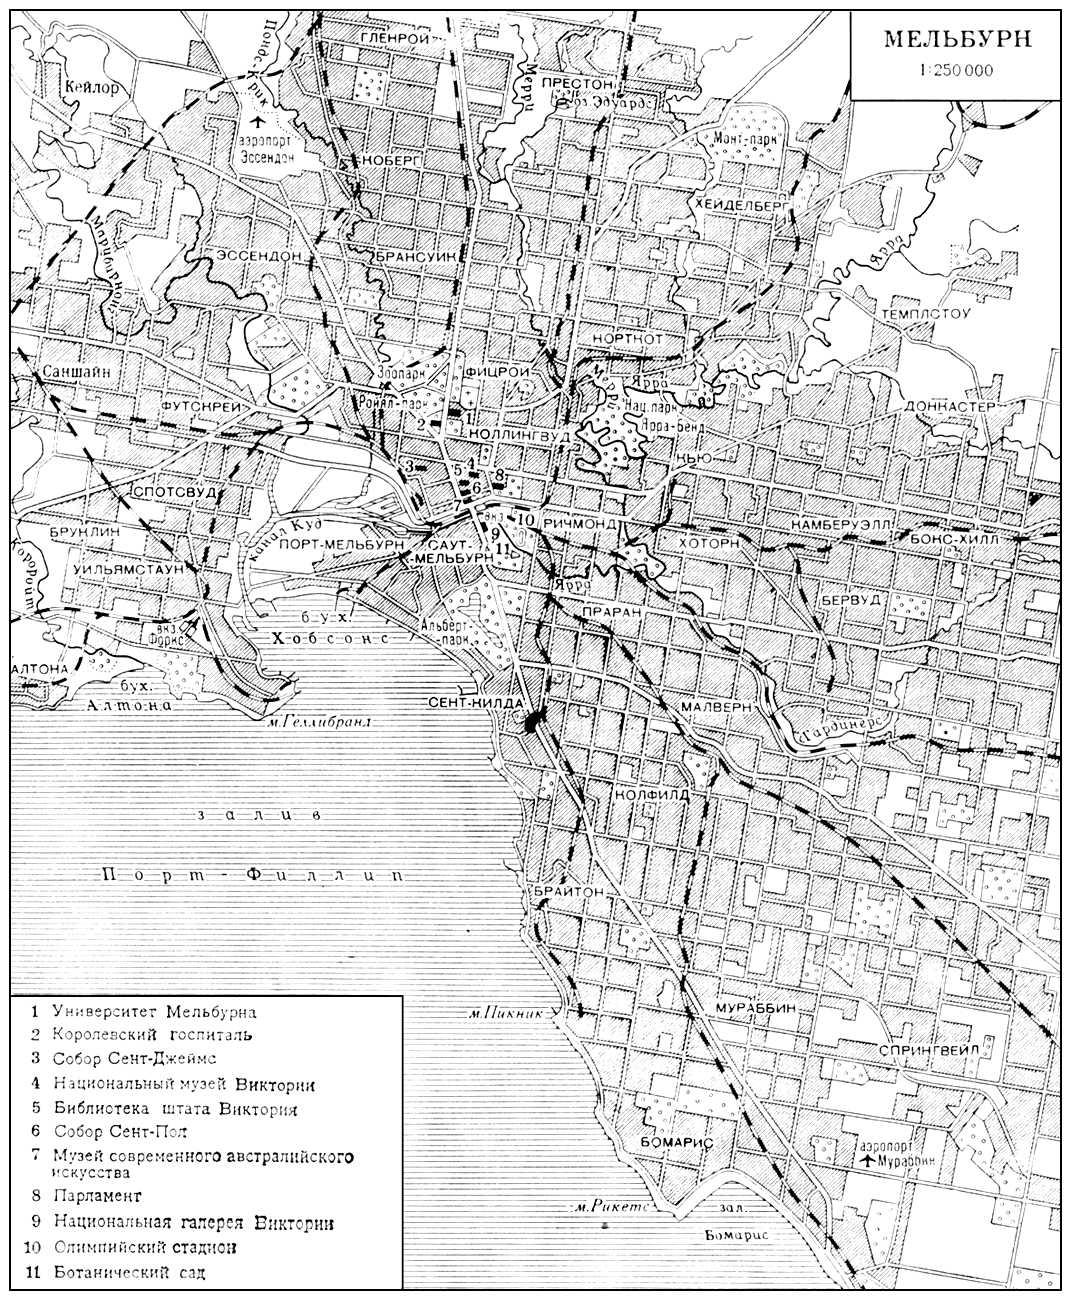 Мельбурн план города